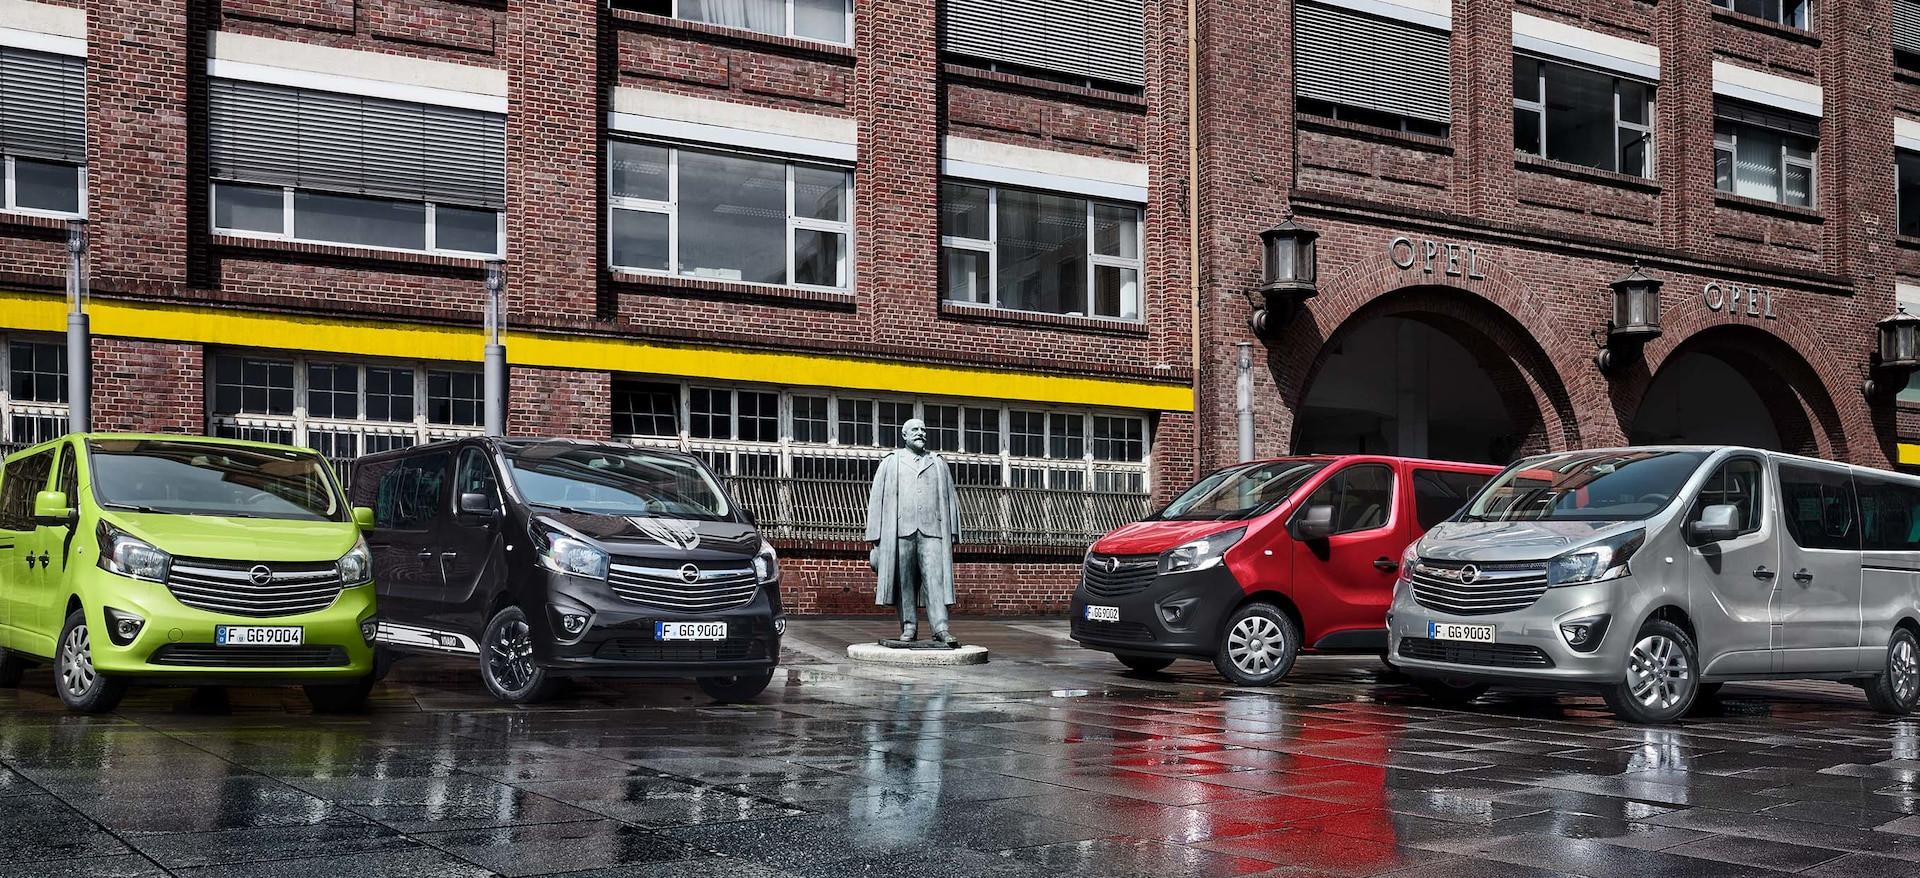 Opel_Vivaro_Tourer_Colors_21x9_vip18_e01